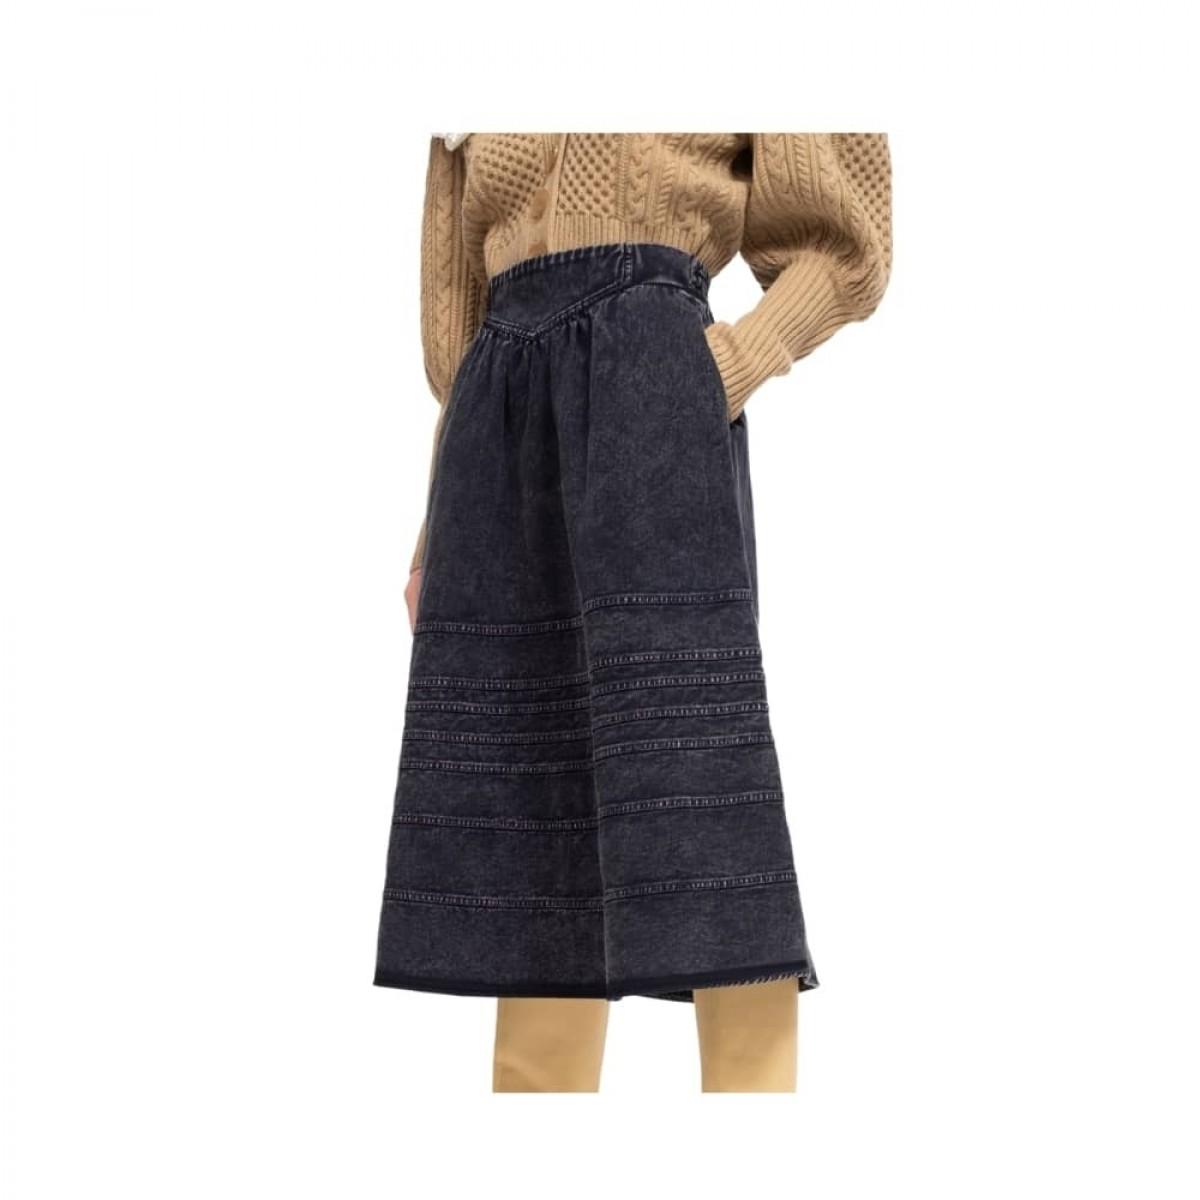 maura denim skirt - navy - fra siden